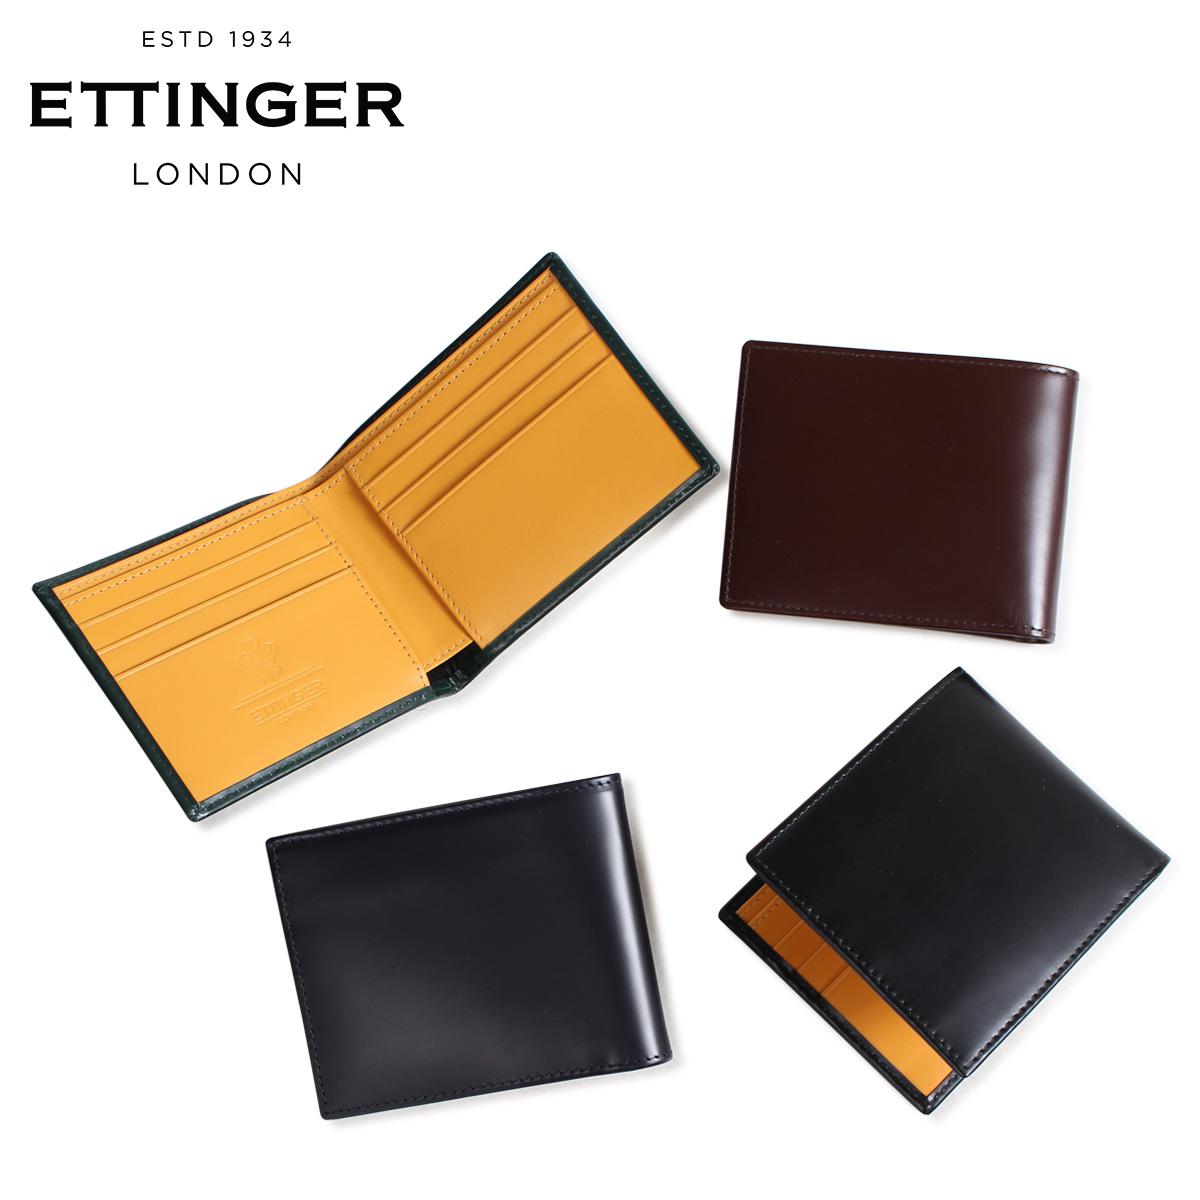 ETTINGER BILLFOLD WALLET WITH CARD CASE エッティンガー 財布 二つ折り メンズ レザー ブラック ネイビー ブラウン グリーン 黒 BH030 [3/18 新入荷]